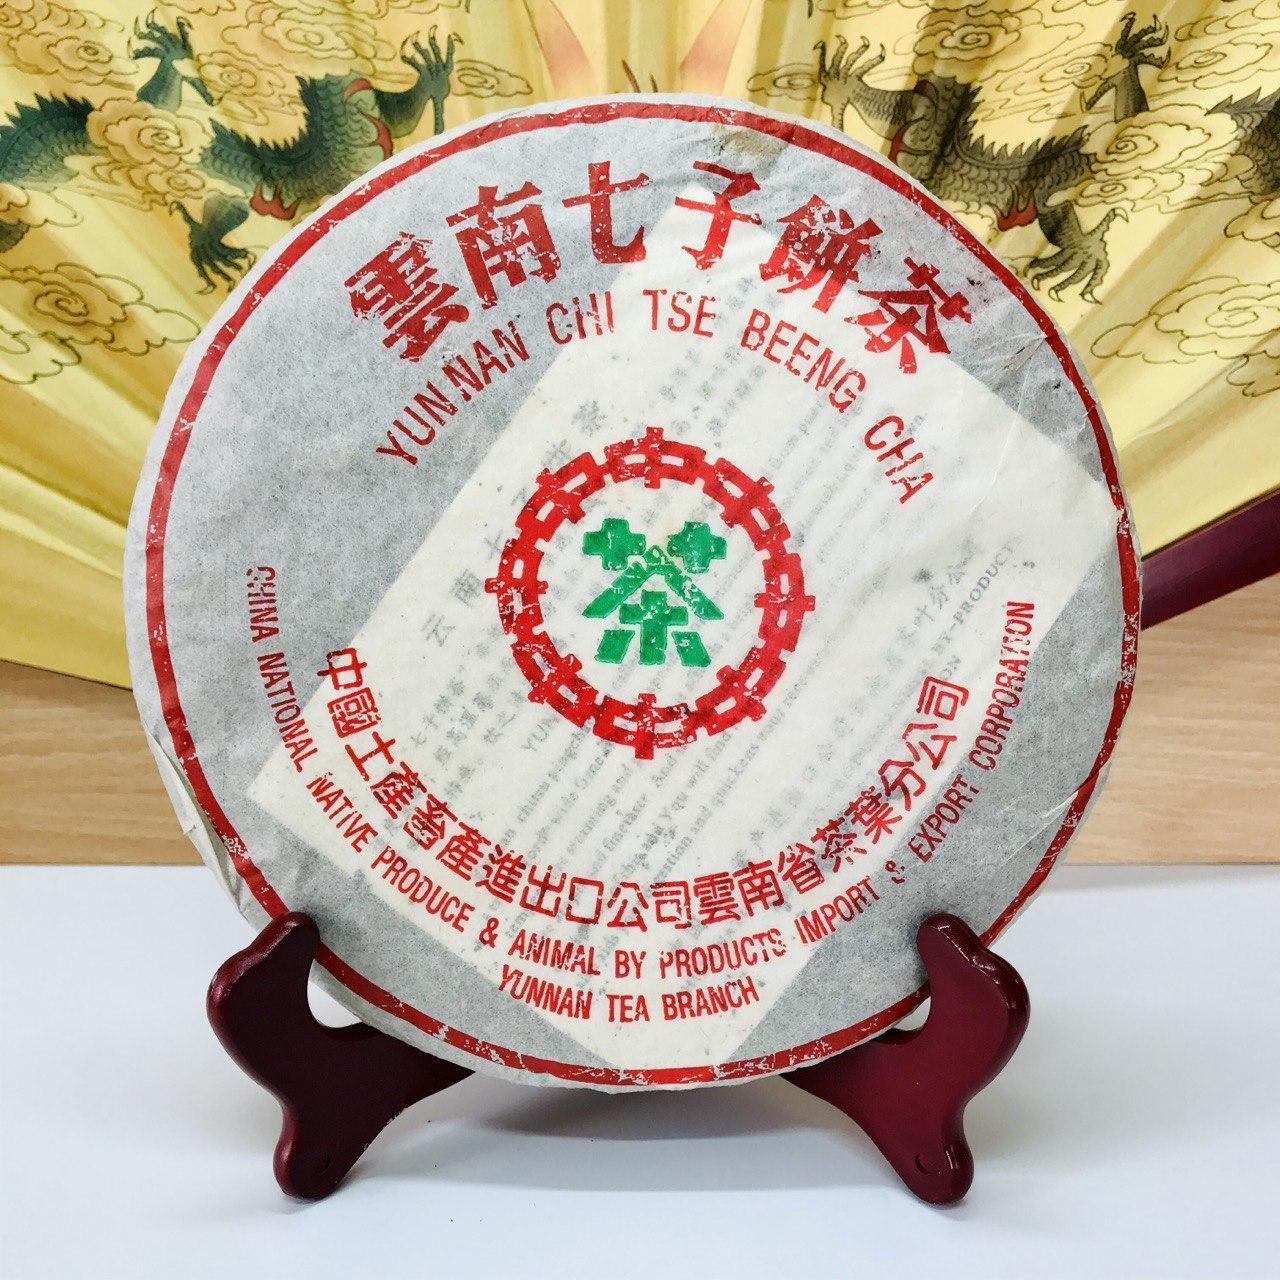 Шу пуэр от известного бренда 中茶 (Zhong Cha)  2002 год